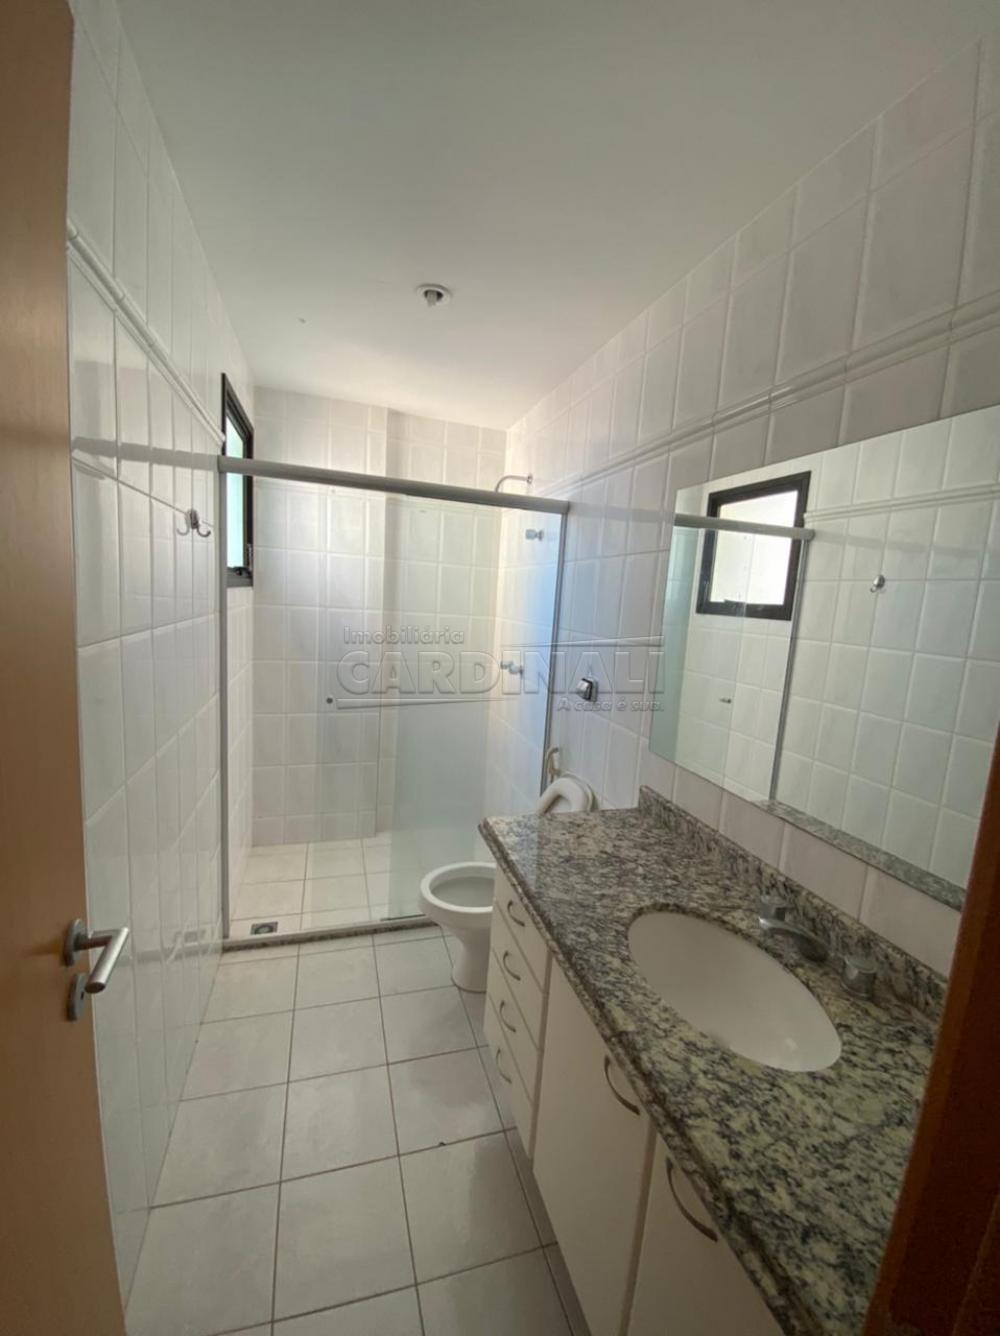 Alugar Apartamento / Padrão em São Carlos R$ 1.778,00 - Foto 10